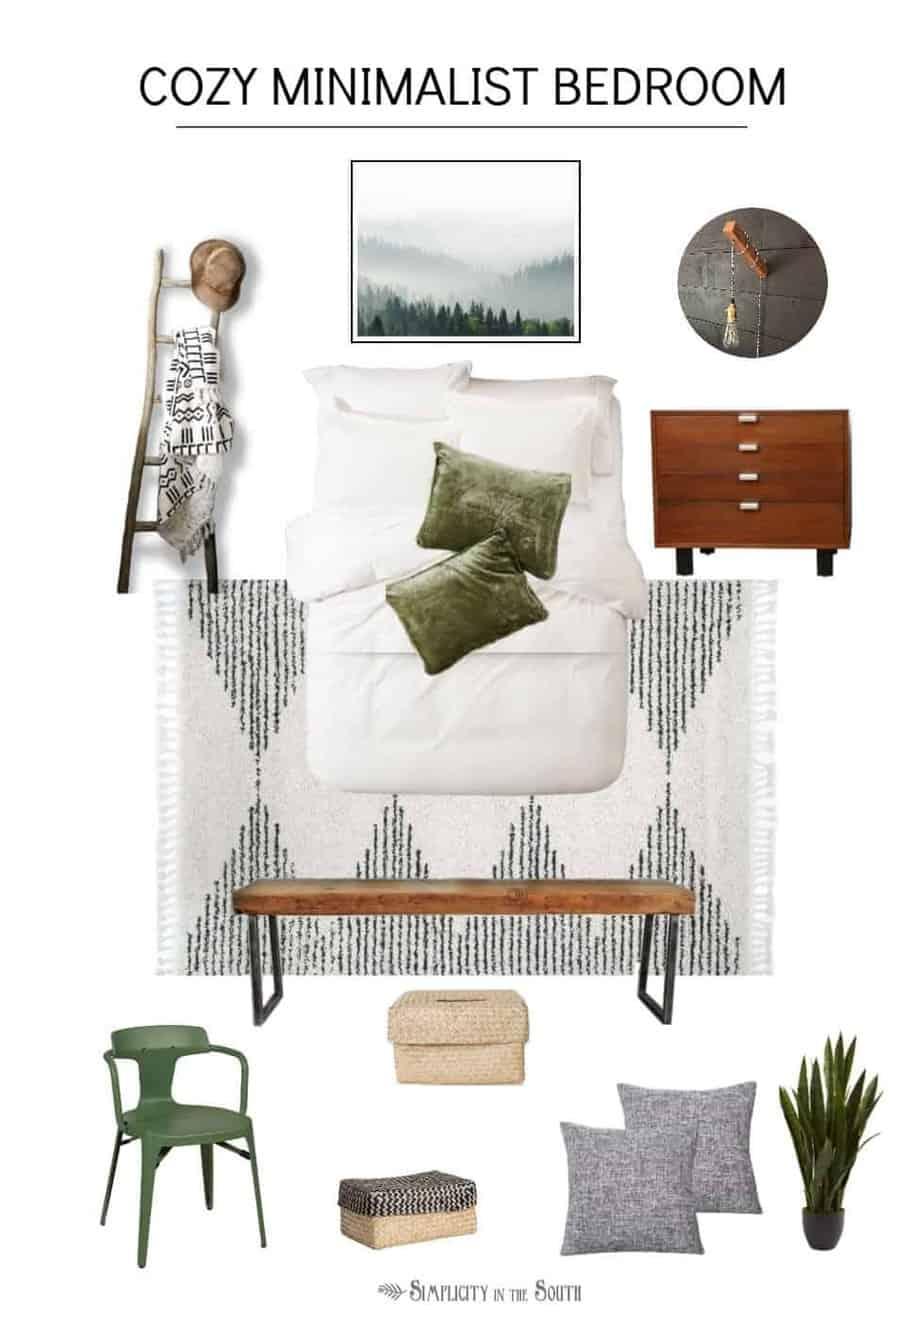 Guest Bedroom Makeover Design Plans Mood Board,One Bedroom Apartment Plans In Kenya